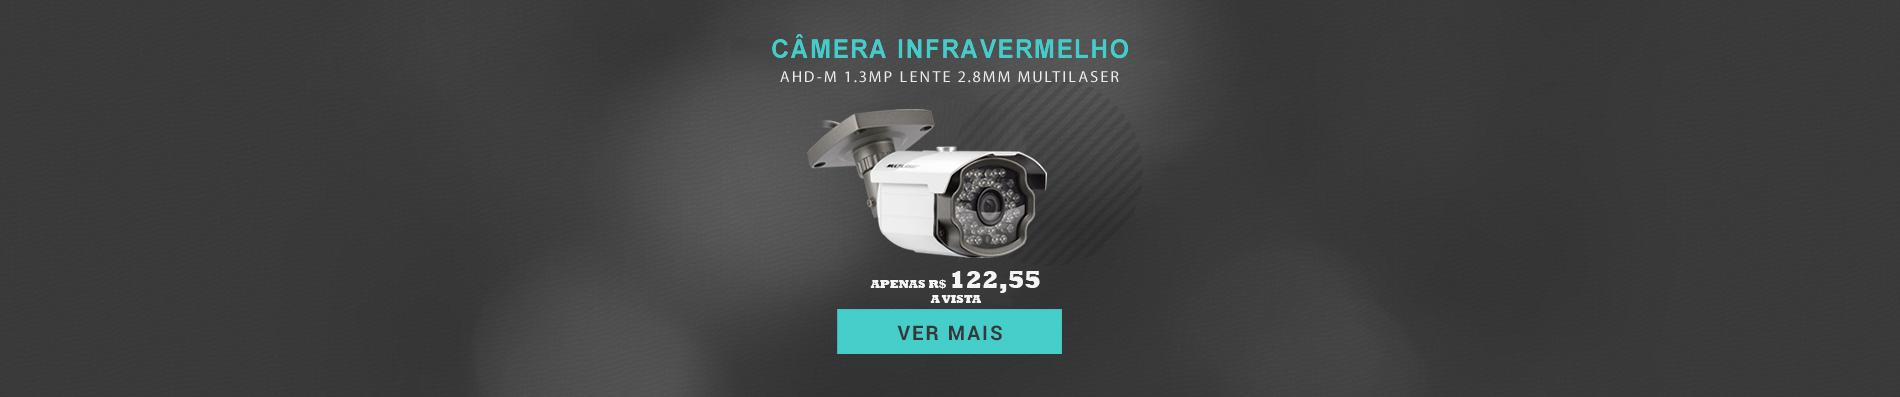 camera bullet ahd multilaser